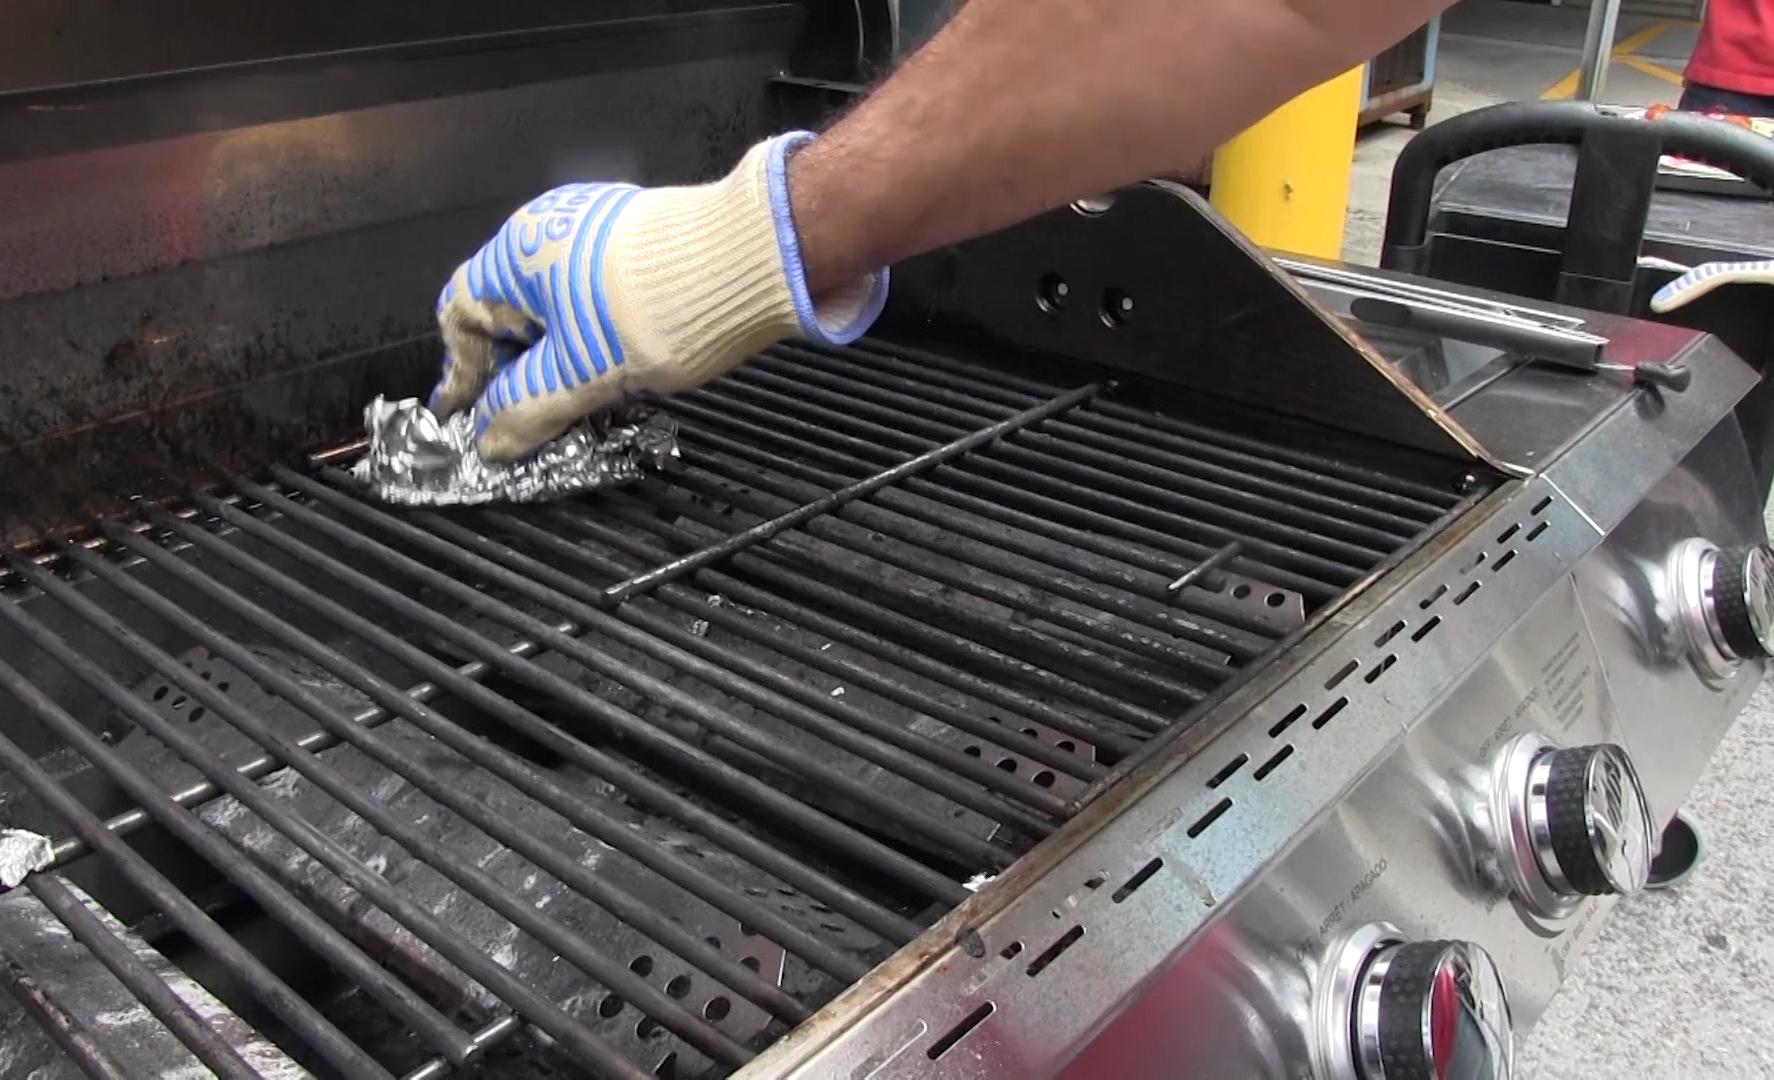 Как почистить газовую плиту в домашних условиях - О чистоте 48